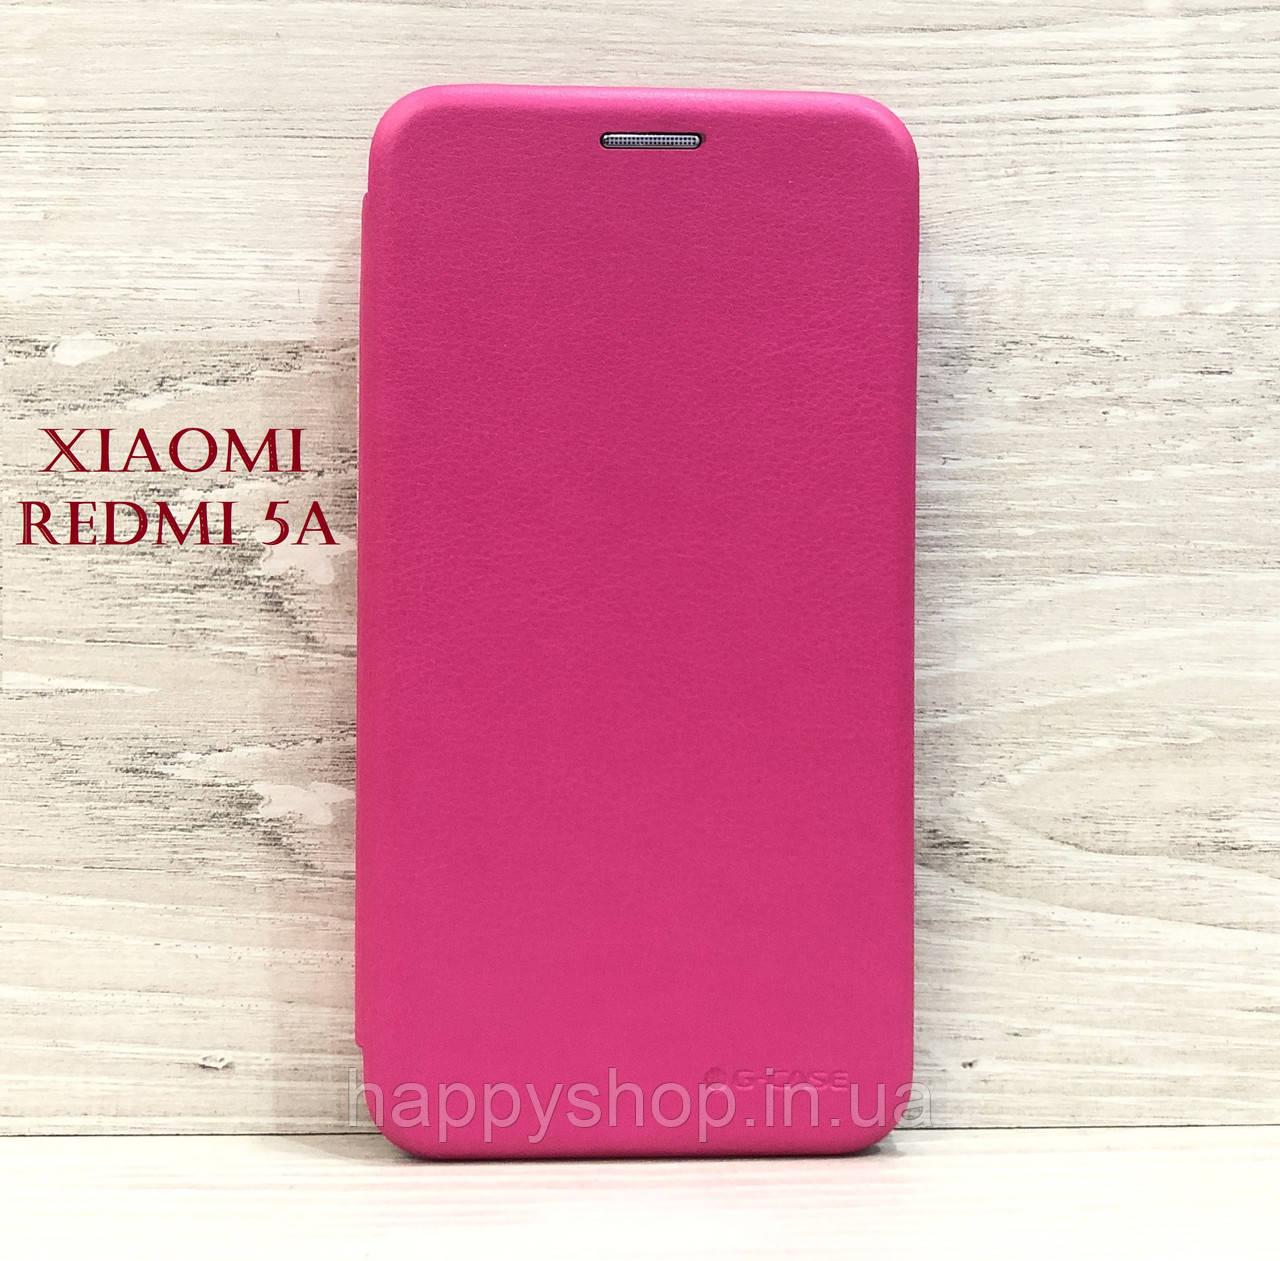 Чехол-книжка G-Case для Xiaomi Redmi 5A (Розовый)